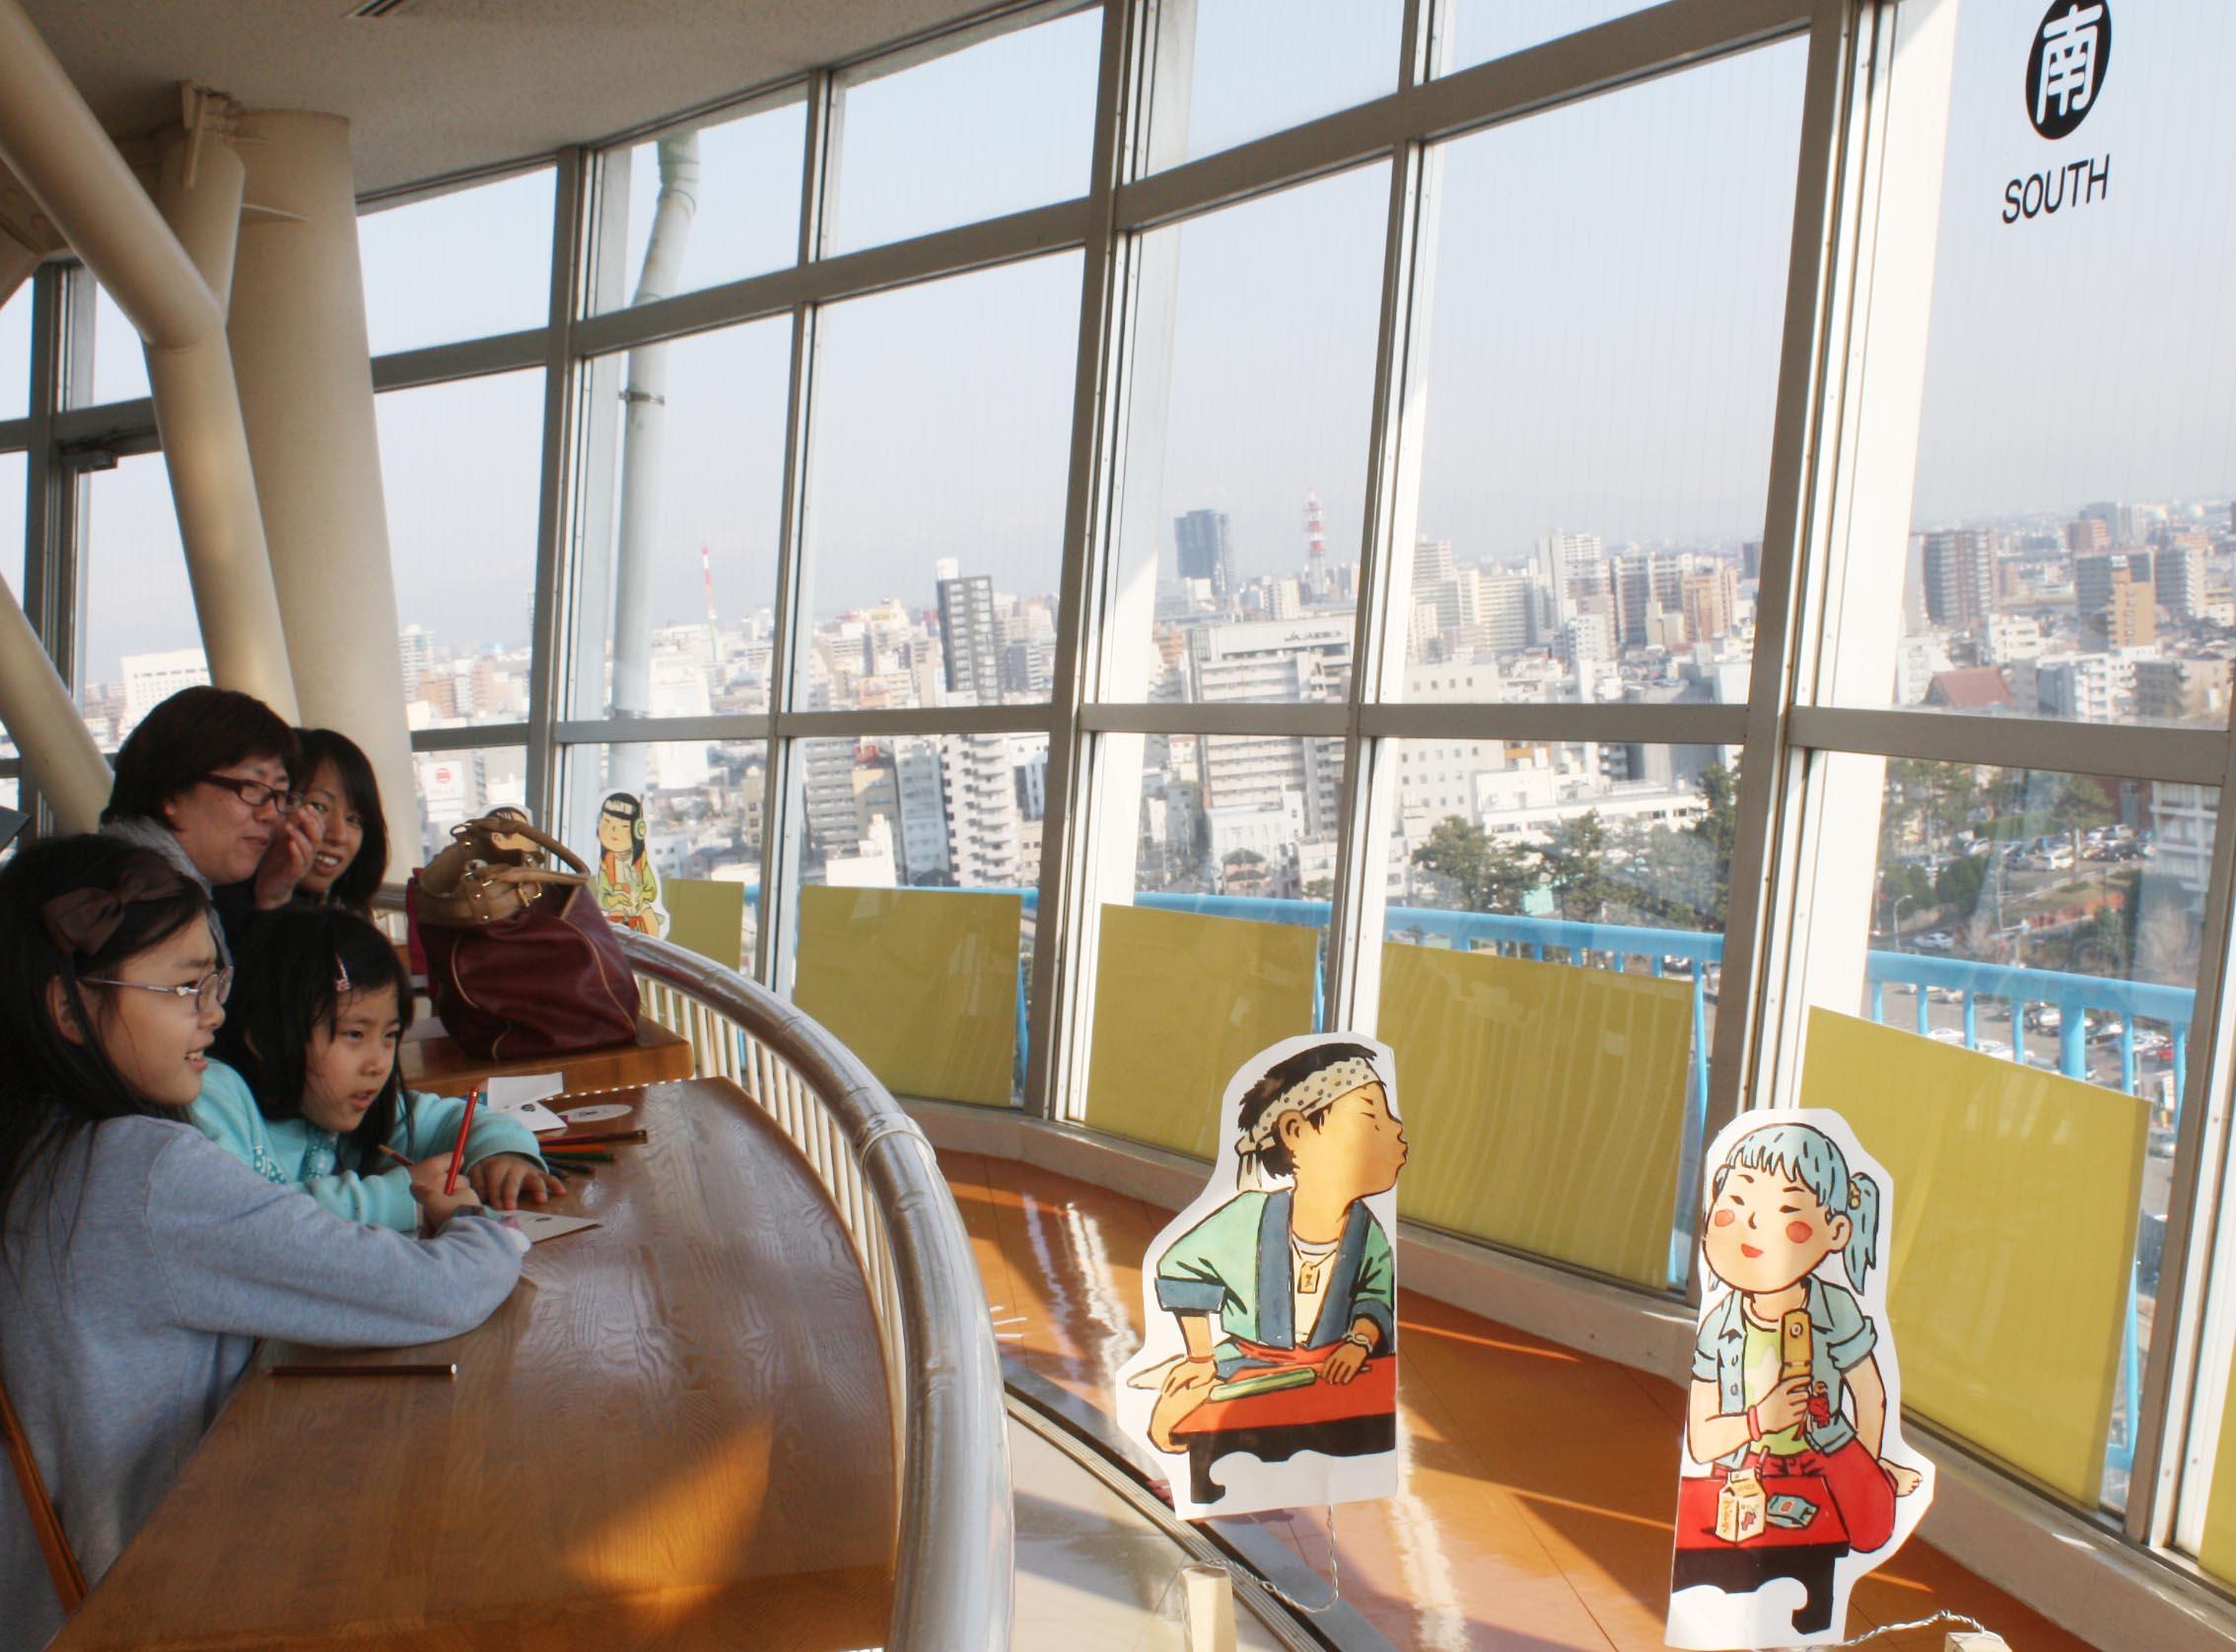 『春山登山2014展』が始まり、日本海タワーでチーム蔵織も参加しています。_d0178448_16413720.jpg